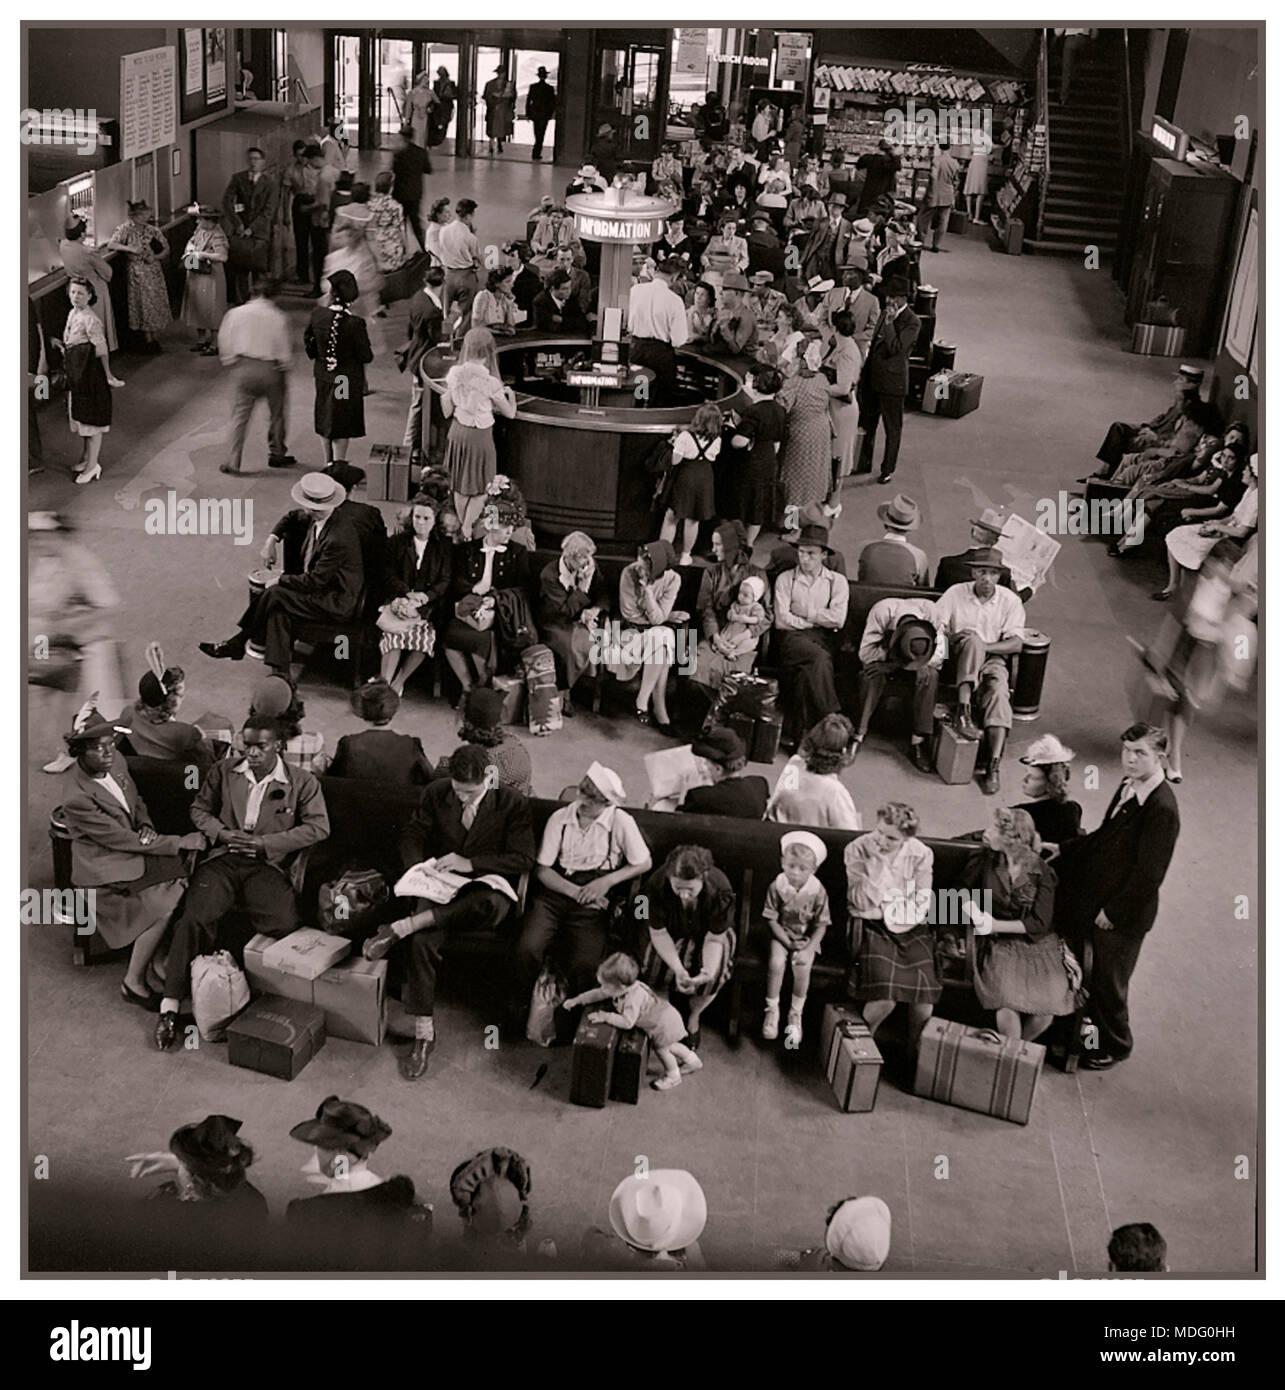 La gare routière Greyhound 1950 salle d'attente des années 1960 Pittsburgh Pennsylvania USA B&W image aux tons monochromes Photo Stock